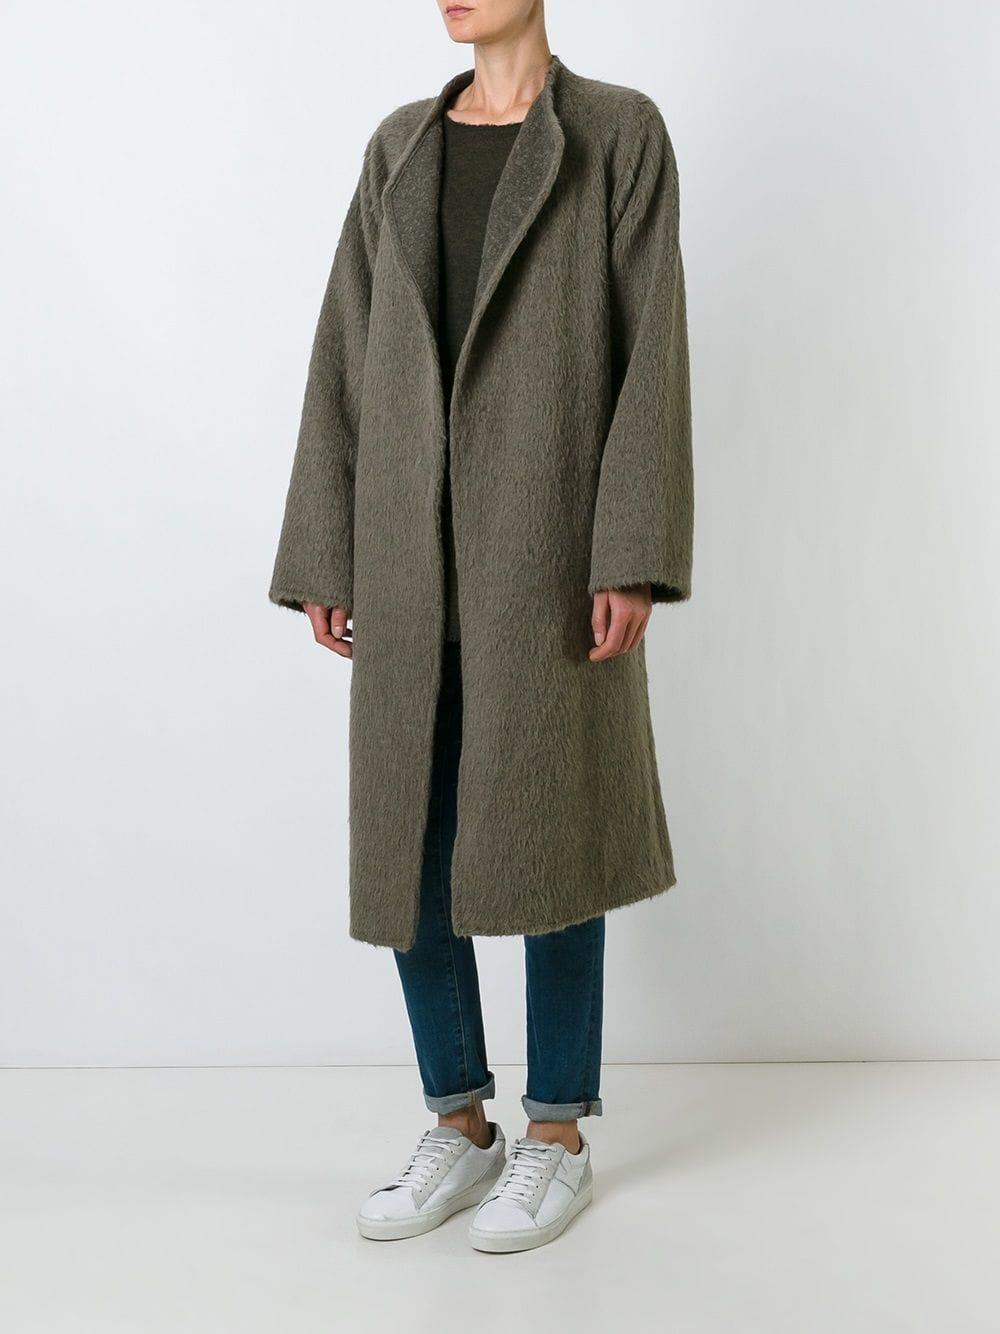 2d293c22a7c Пальто из альпака - купить в Москве